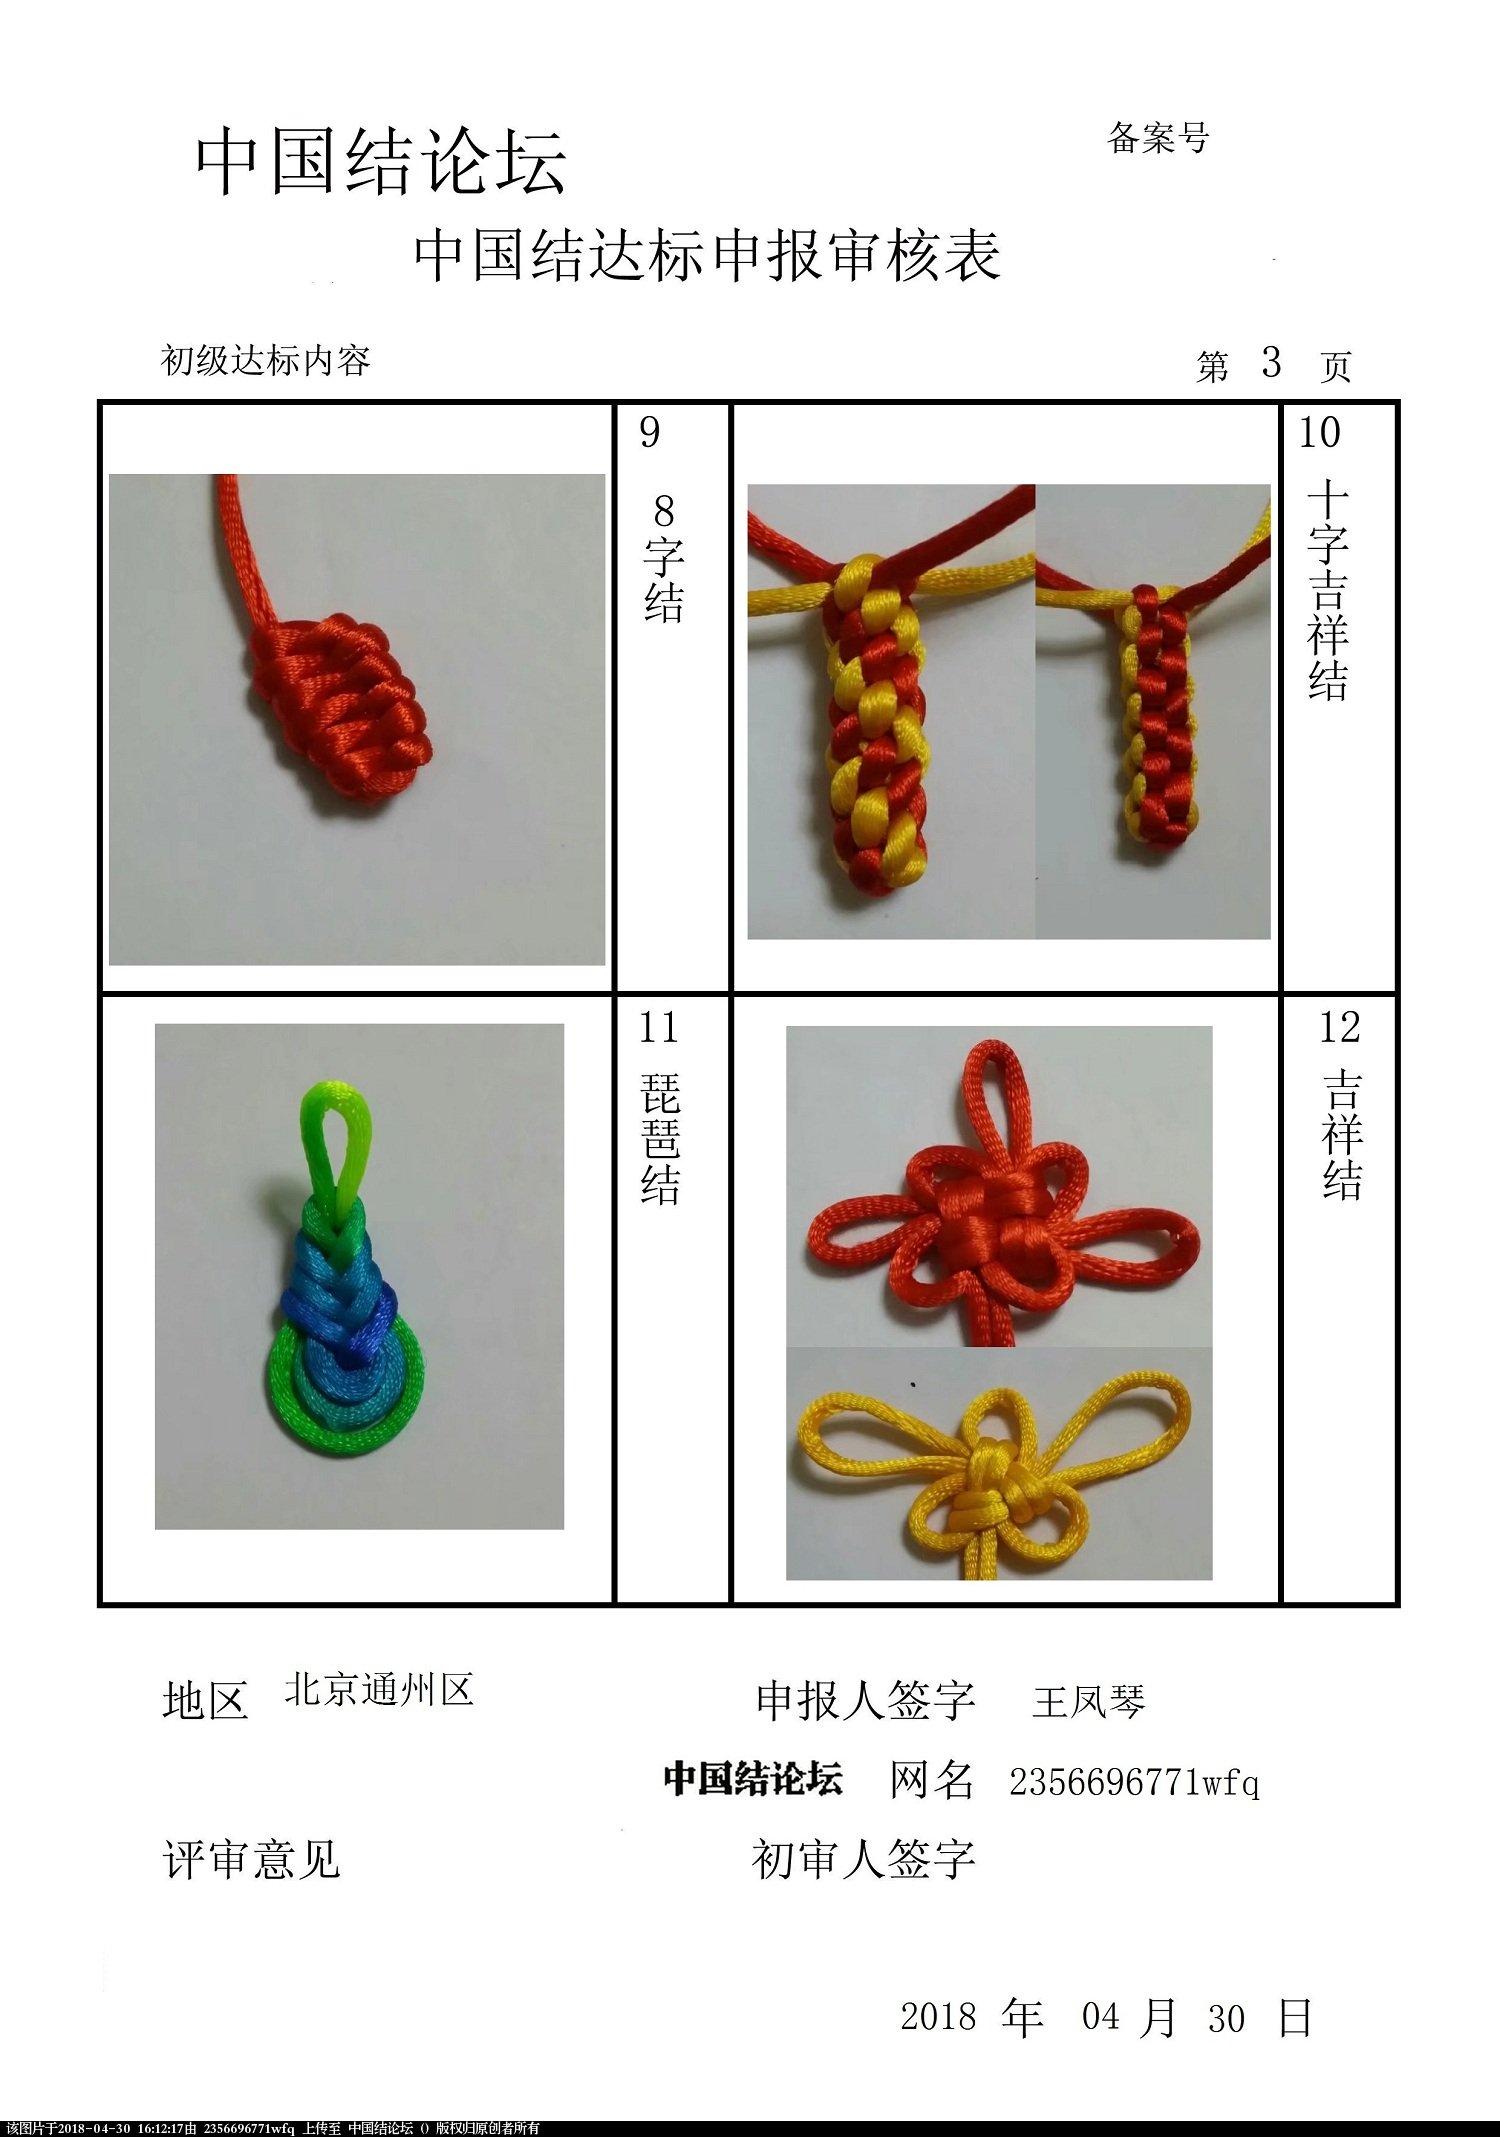 中国结论坛 2356696771wfq---初级达标申请稿件  中国绳结艺术分级达标审核 161126wccndy9c9uc4bgbd